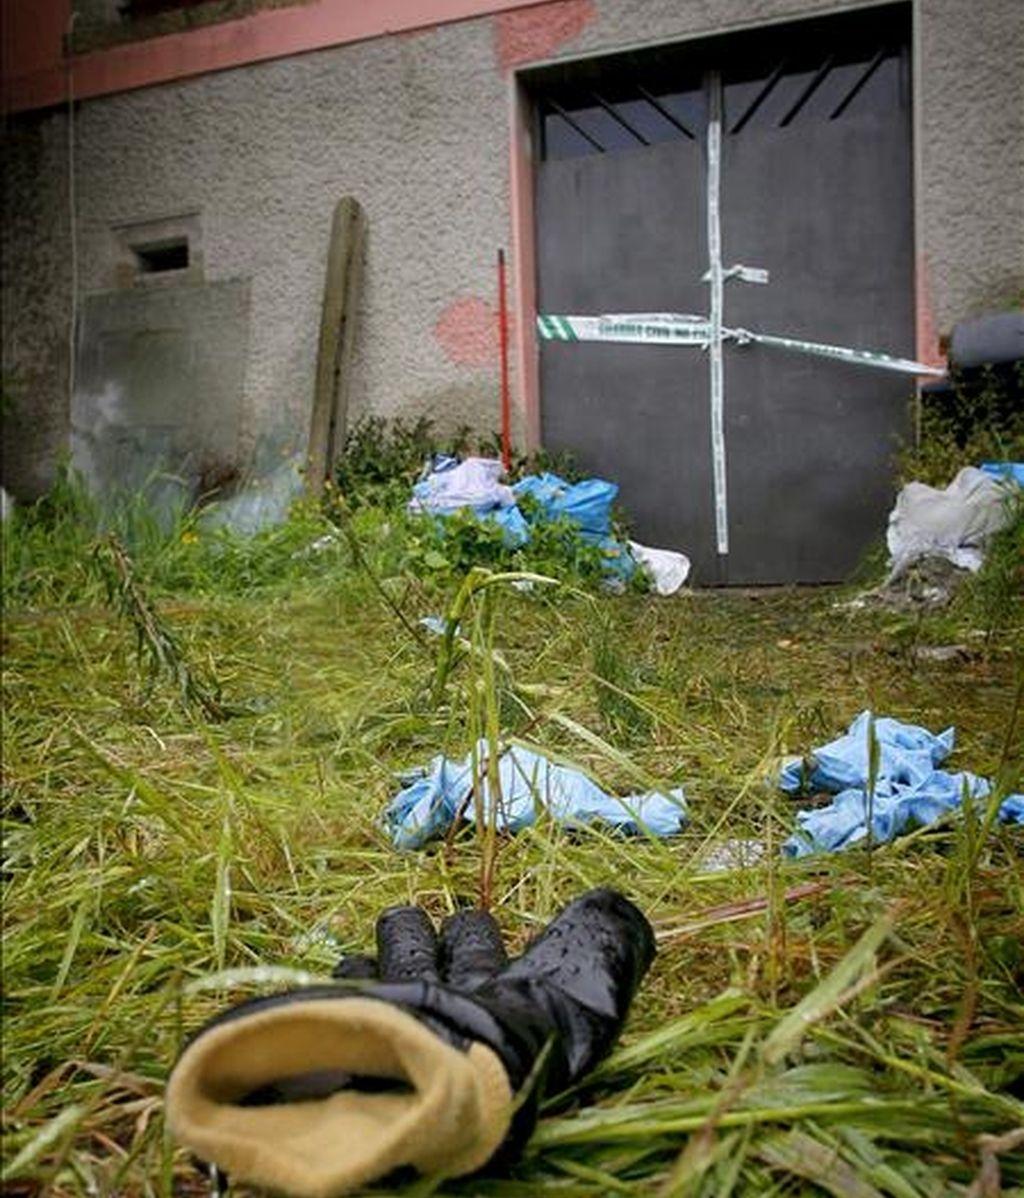 Imagen del lugar donde esta madrugada los bomberos de Arteixo rescataron los cuerpos mutilados de dos varones, suceso por el que ocho personas han sido detenidas por agentes de la Guardia Civil debido a su presunta relación con los cadáveres localizados en un pozo en la parroquia de Fonteculler, en Culleredo (A Coruña), lo que podría estar vinculado al tráfico de drogas. EFE